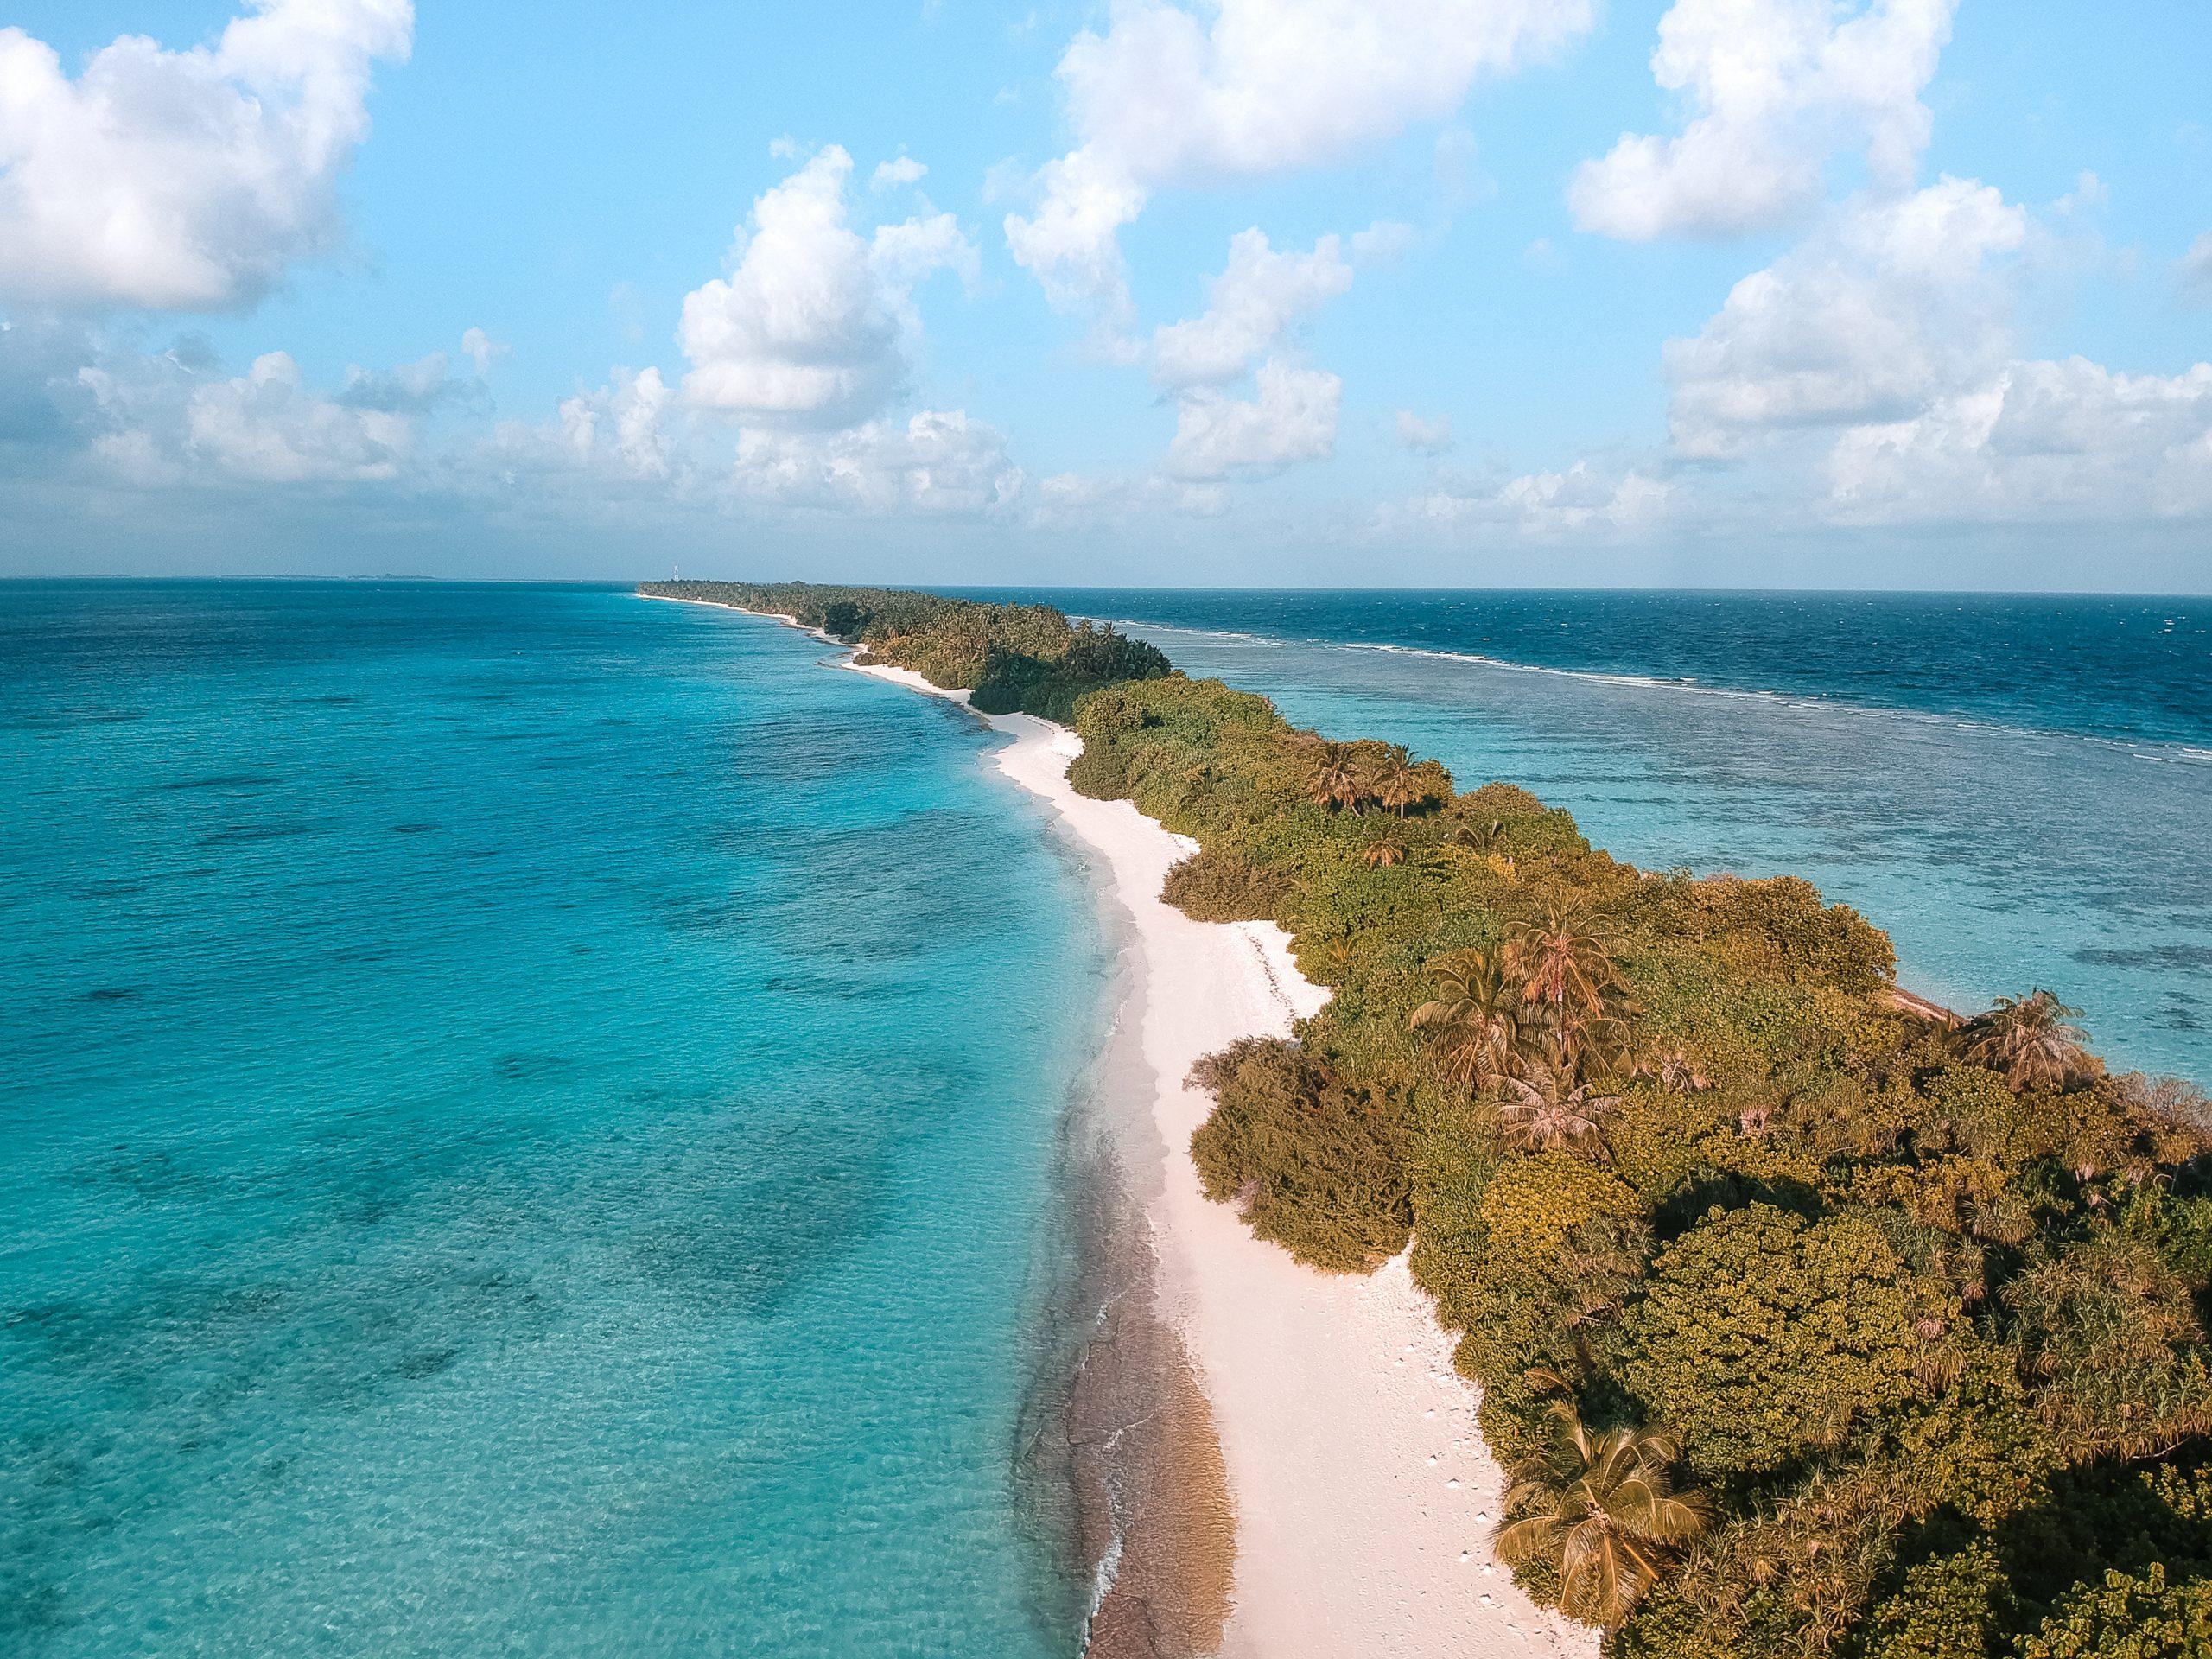 Viagem barata para as Maldivas